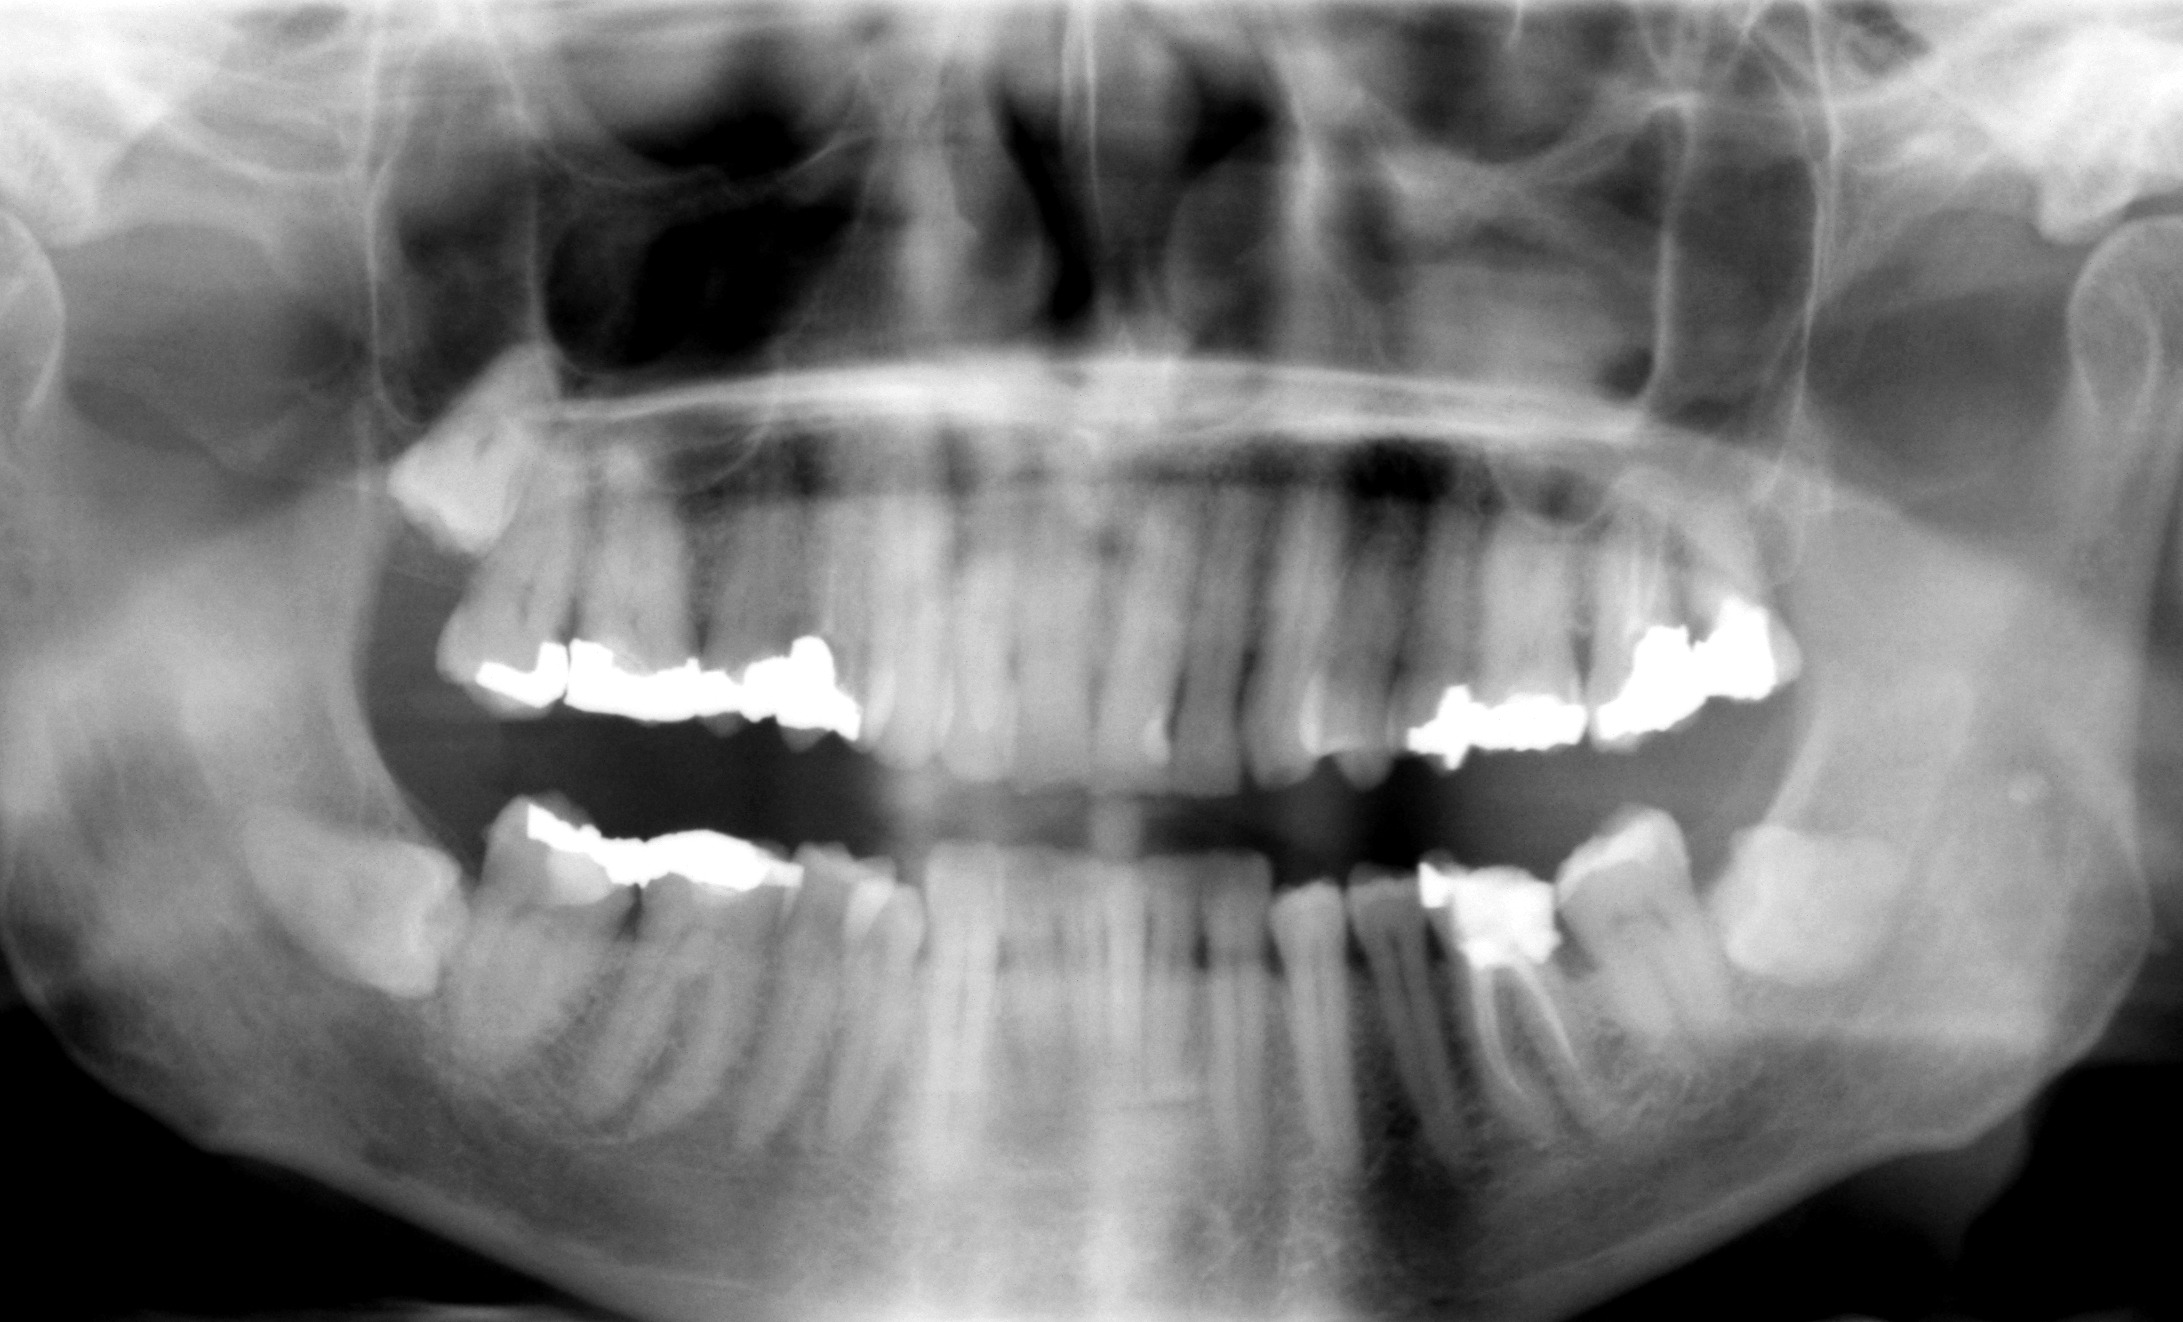 El uso de células madre en la dentadura puede acabar con las endodoncias